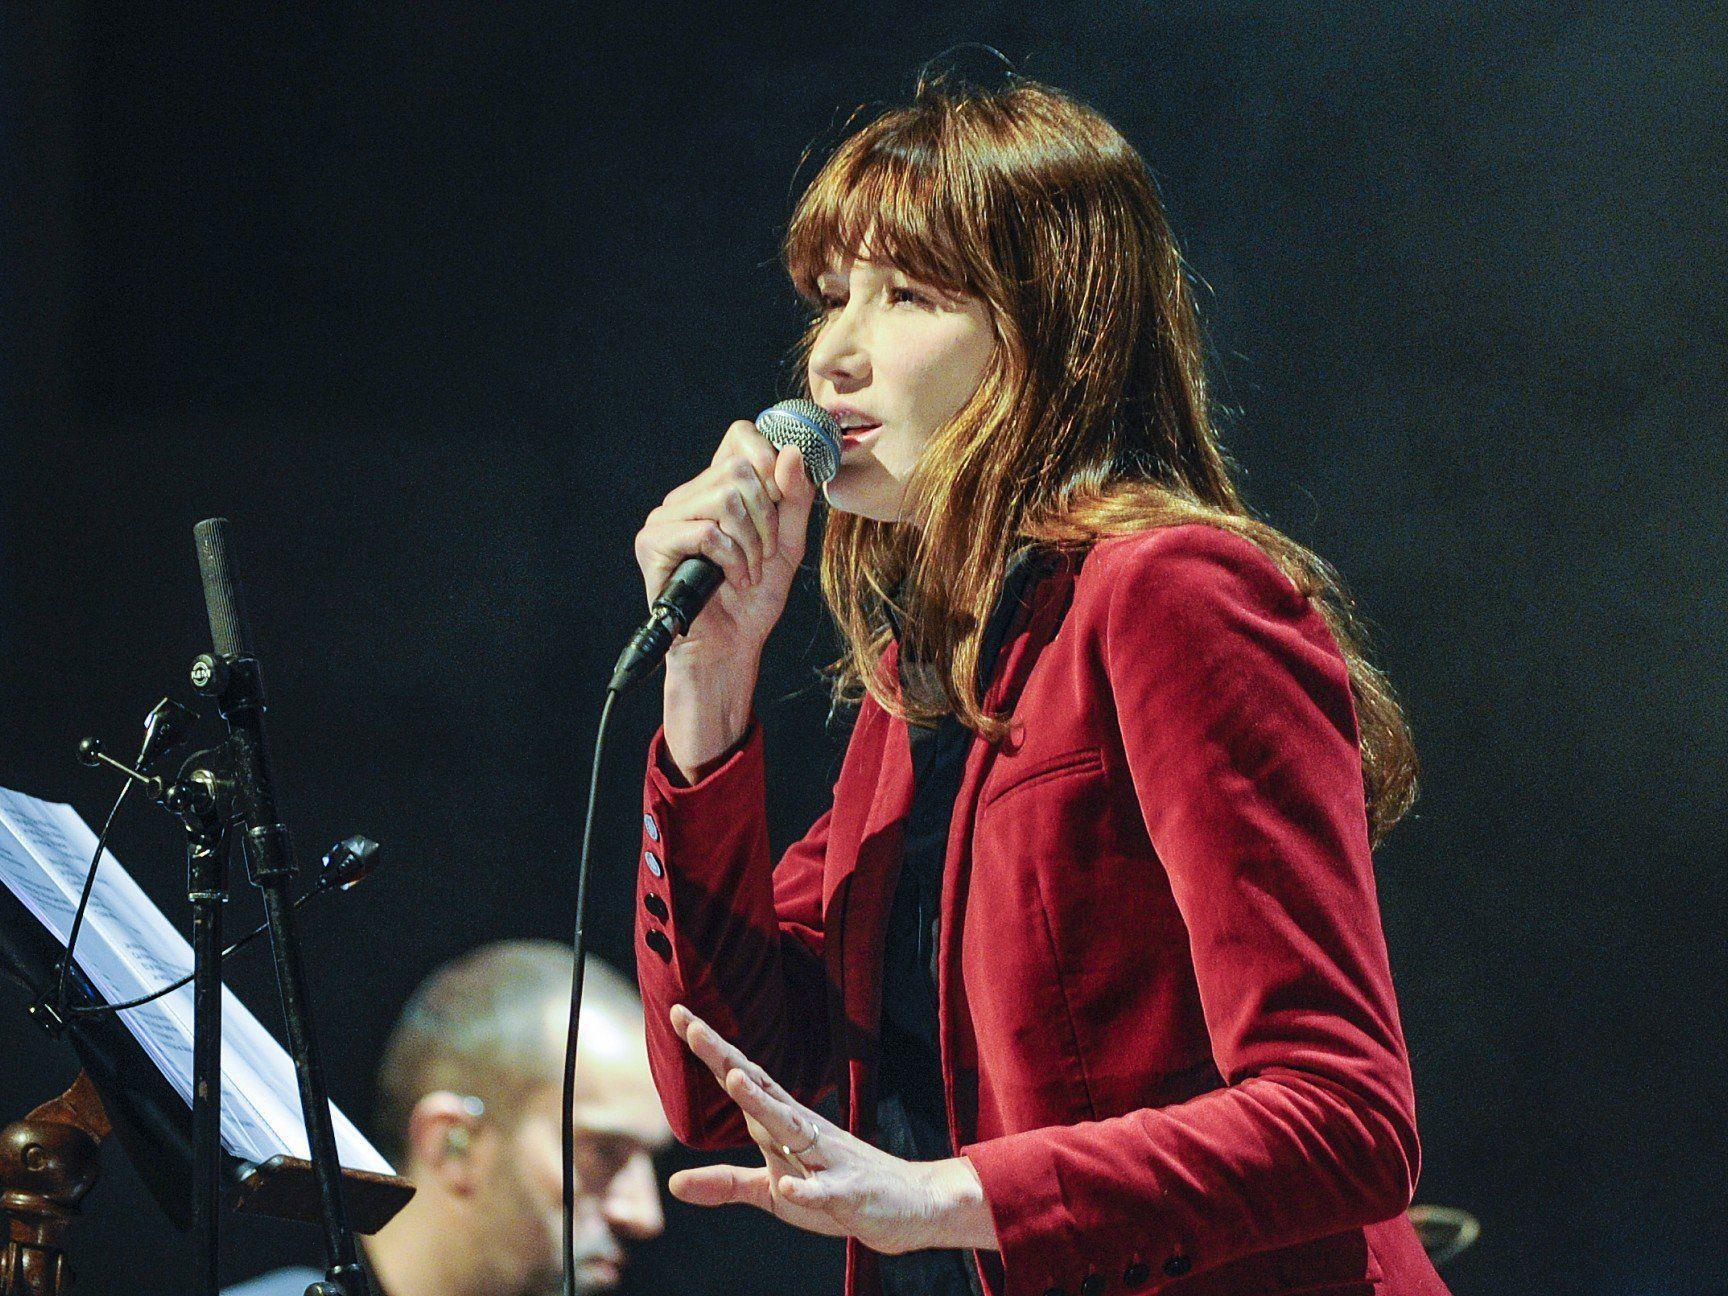 Carla Bruni gastierte live im Wiener Konzerthaus